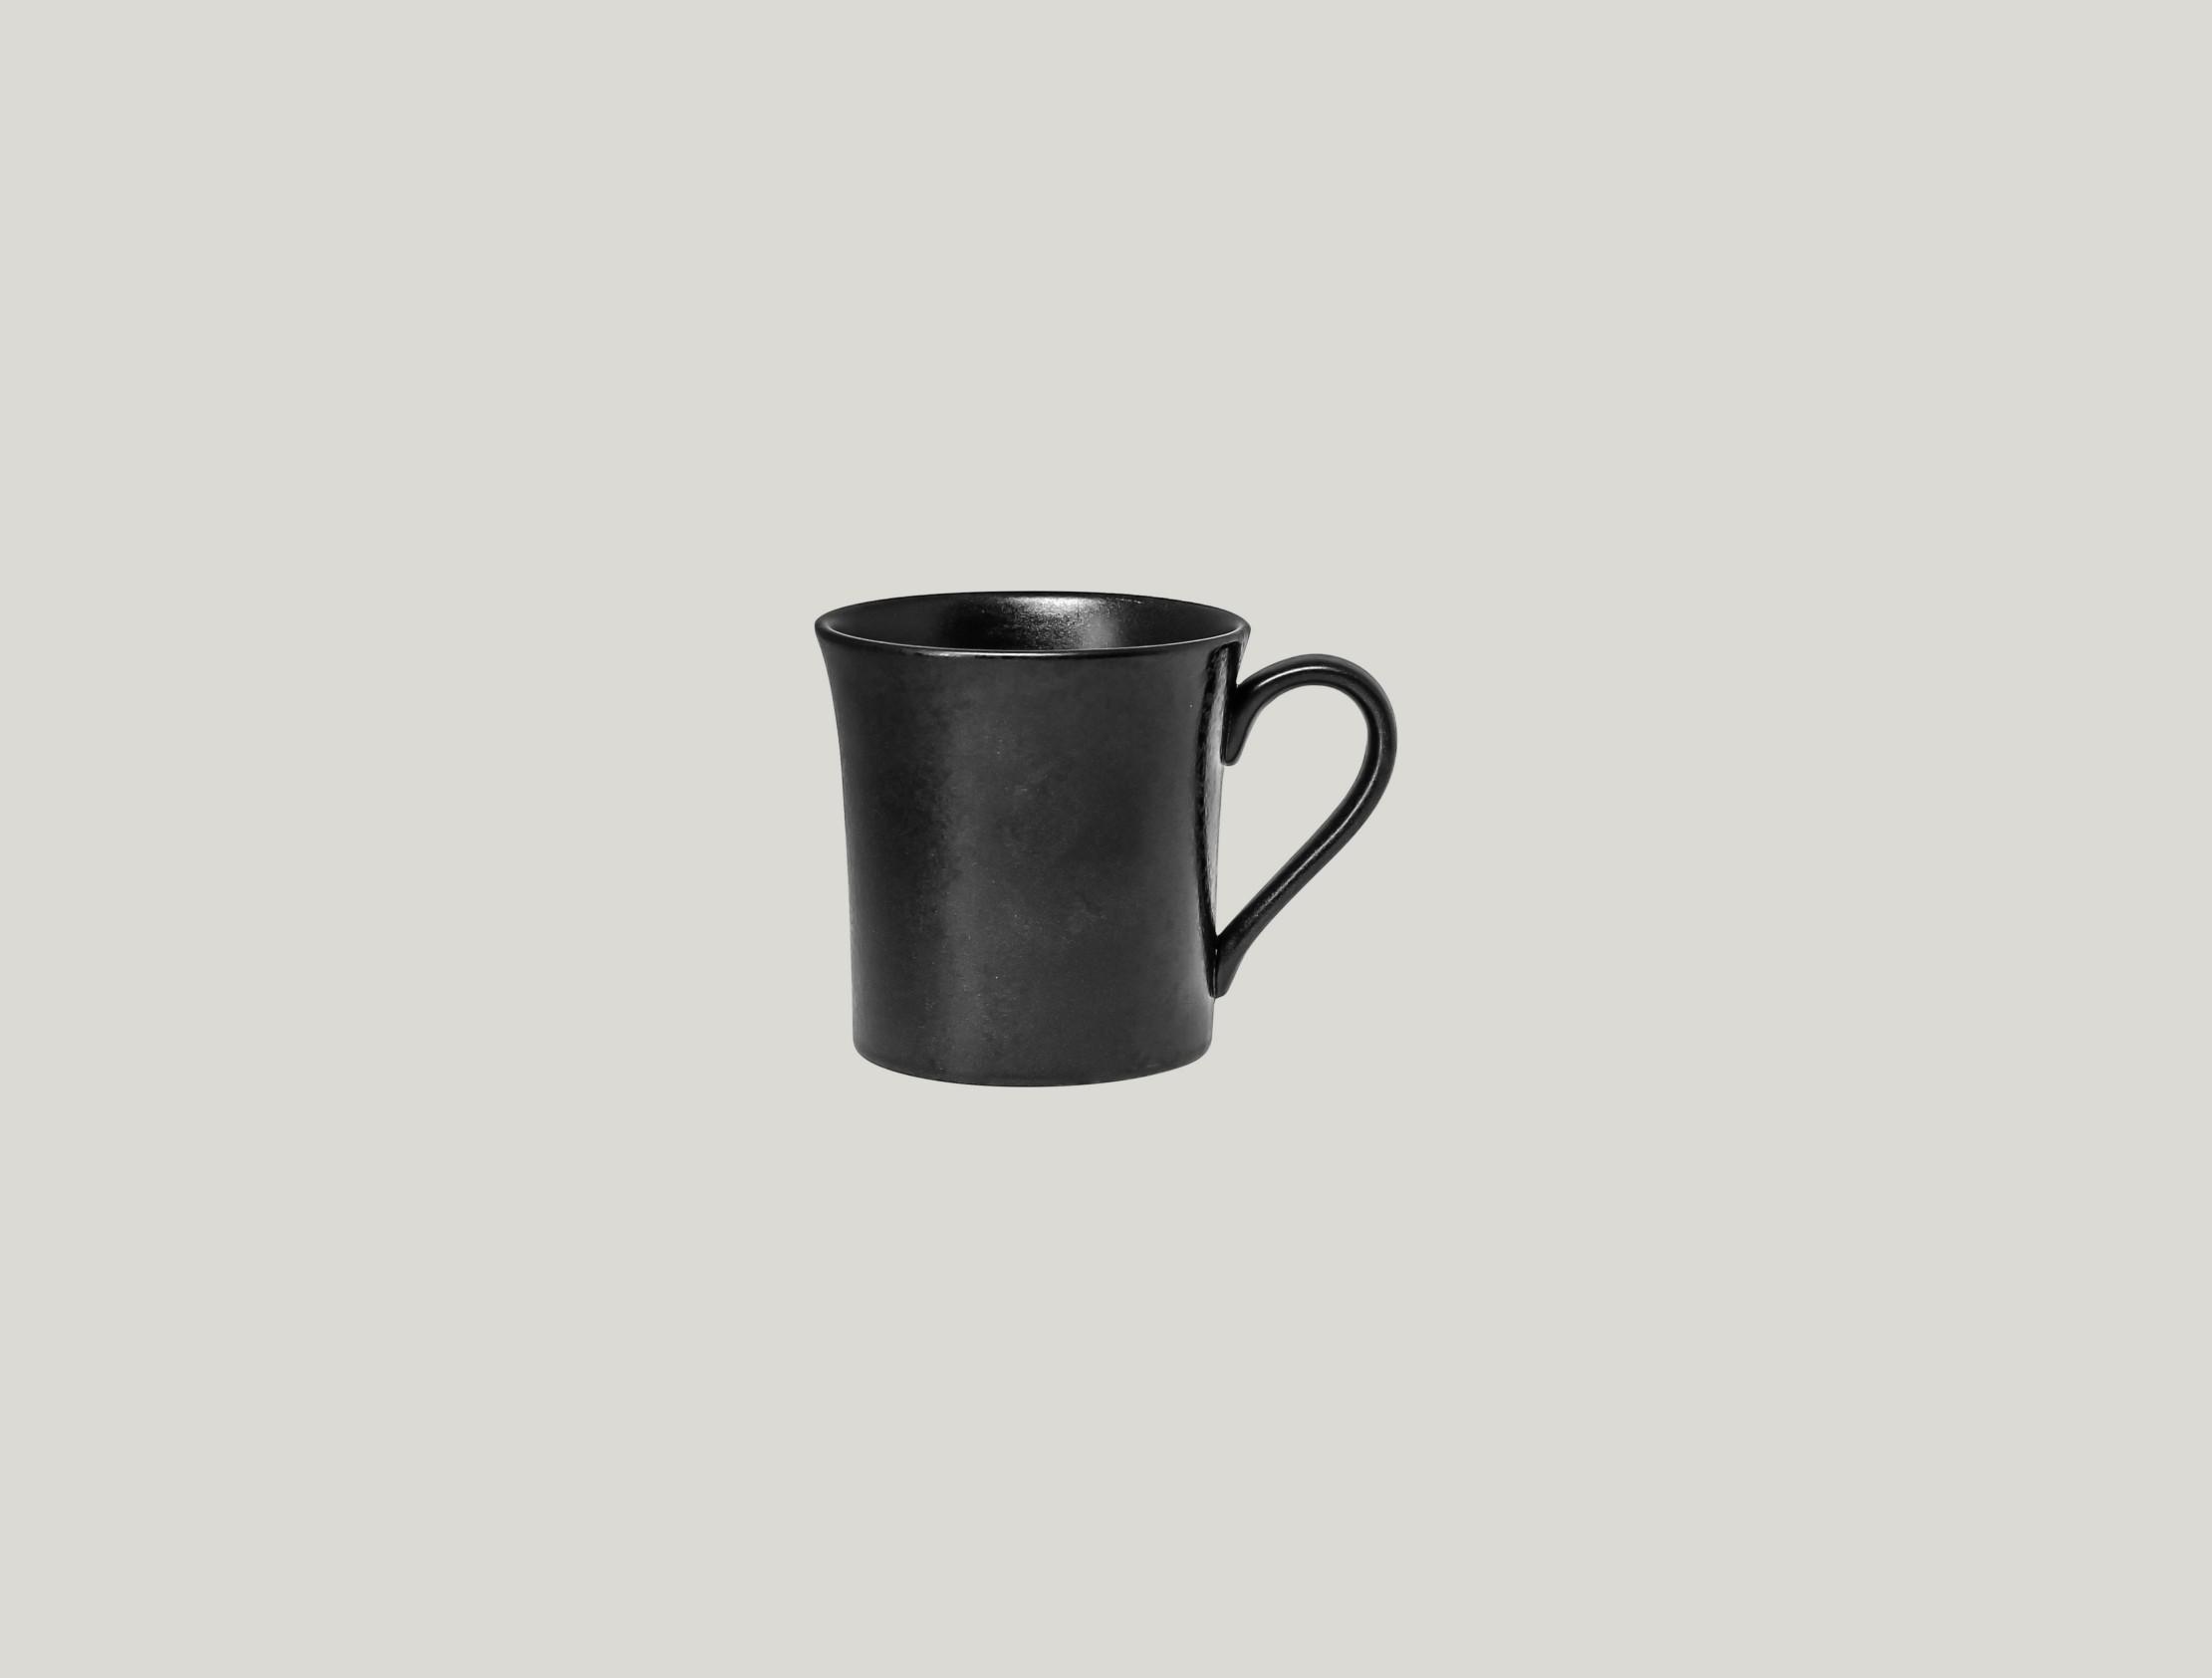 Edge šálek na čaj 25 cl - černá